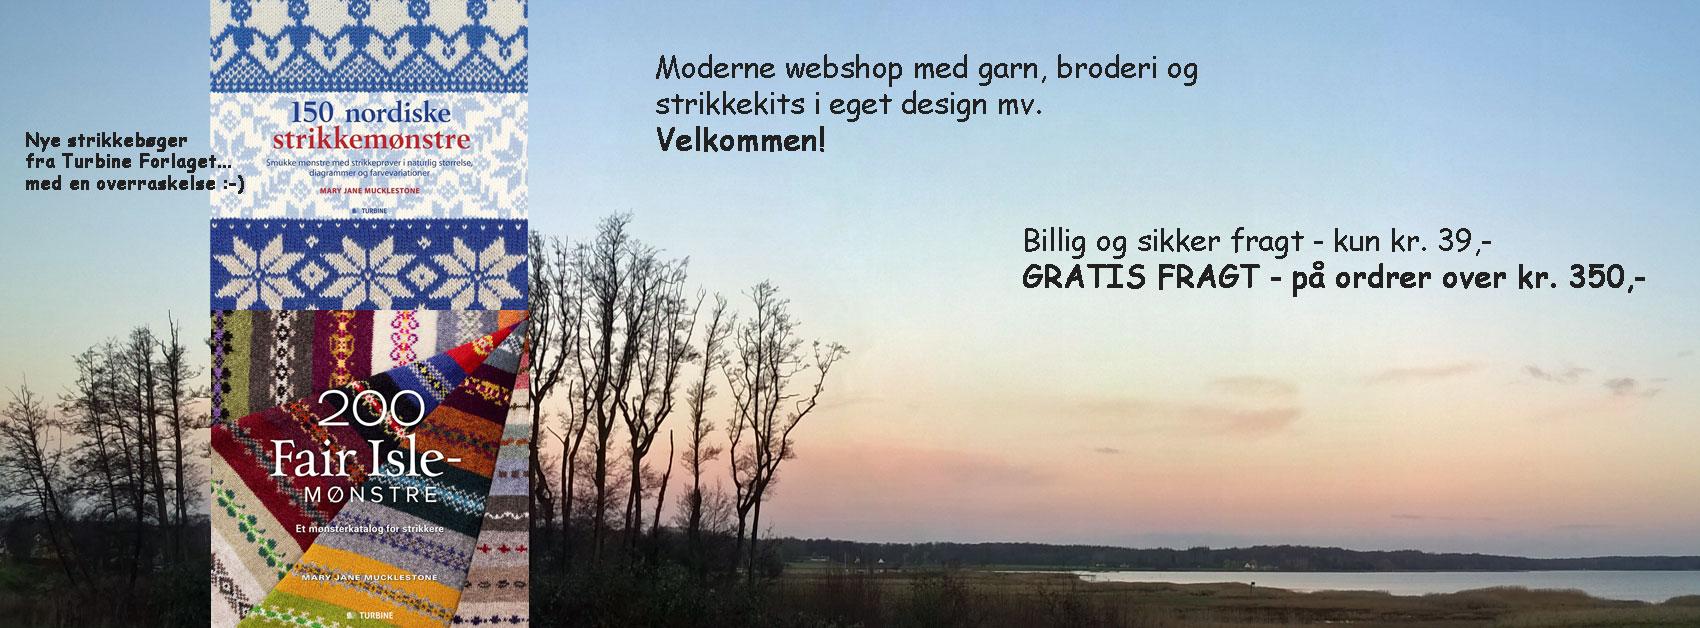 Foto: Doggerland Design ved Marianne Porsborg websalg af garn, kits og KA pinde mv.